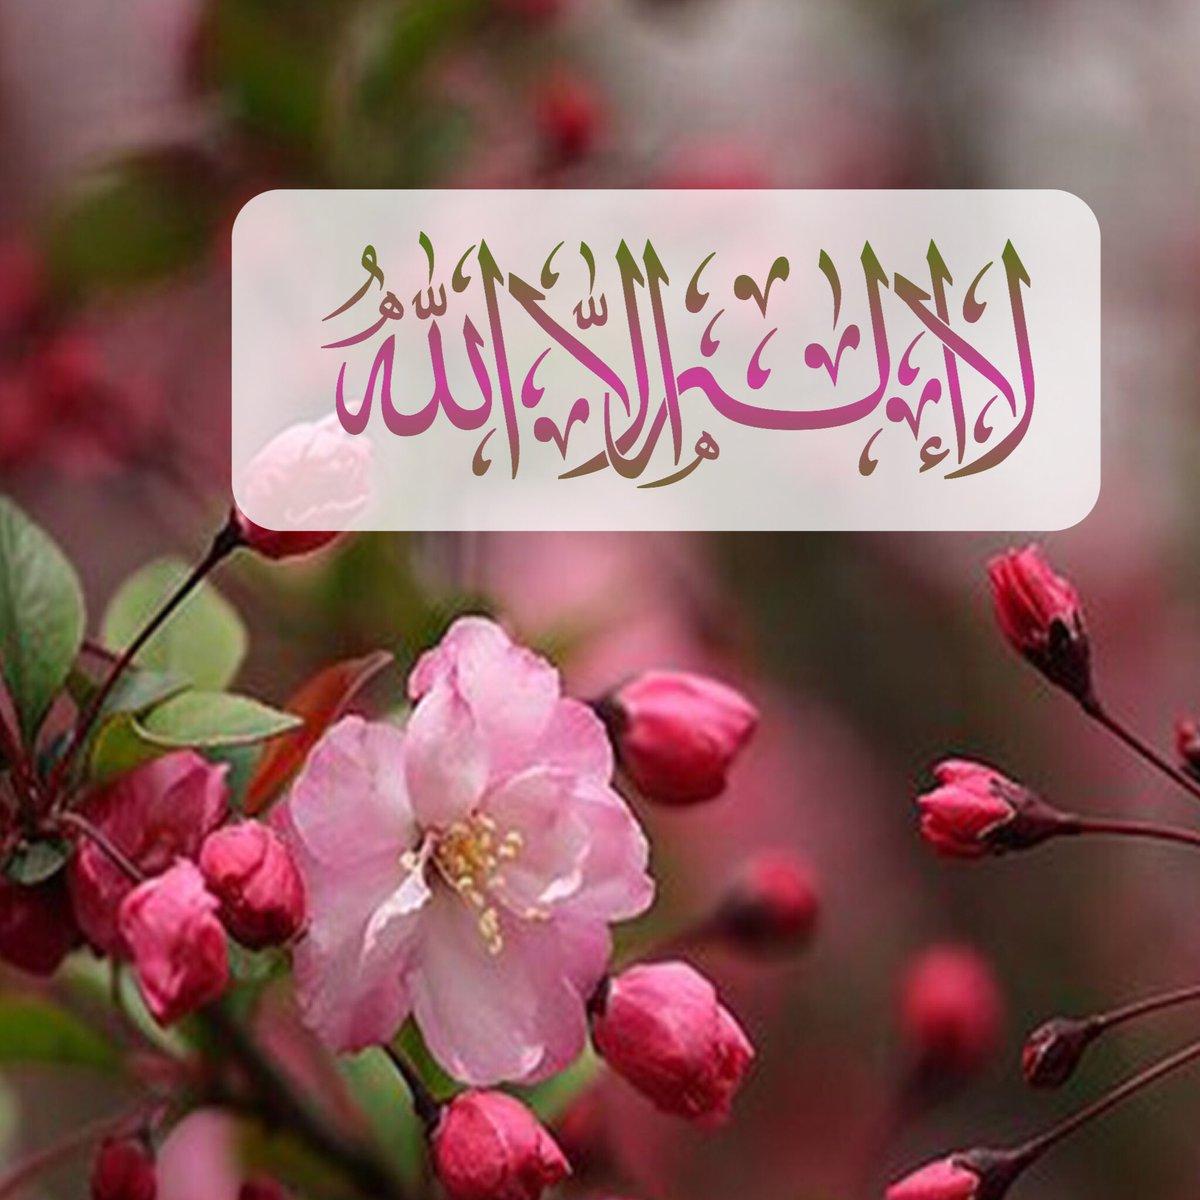 صورة صور لا اله الا الله , لا اله الا الله محمد رسول الله